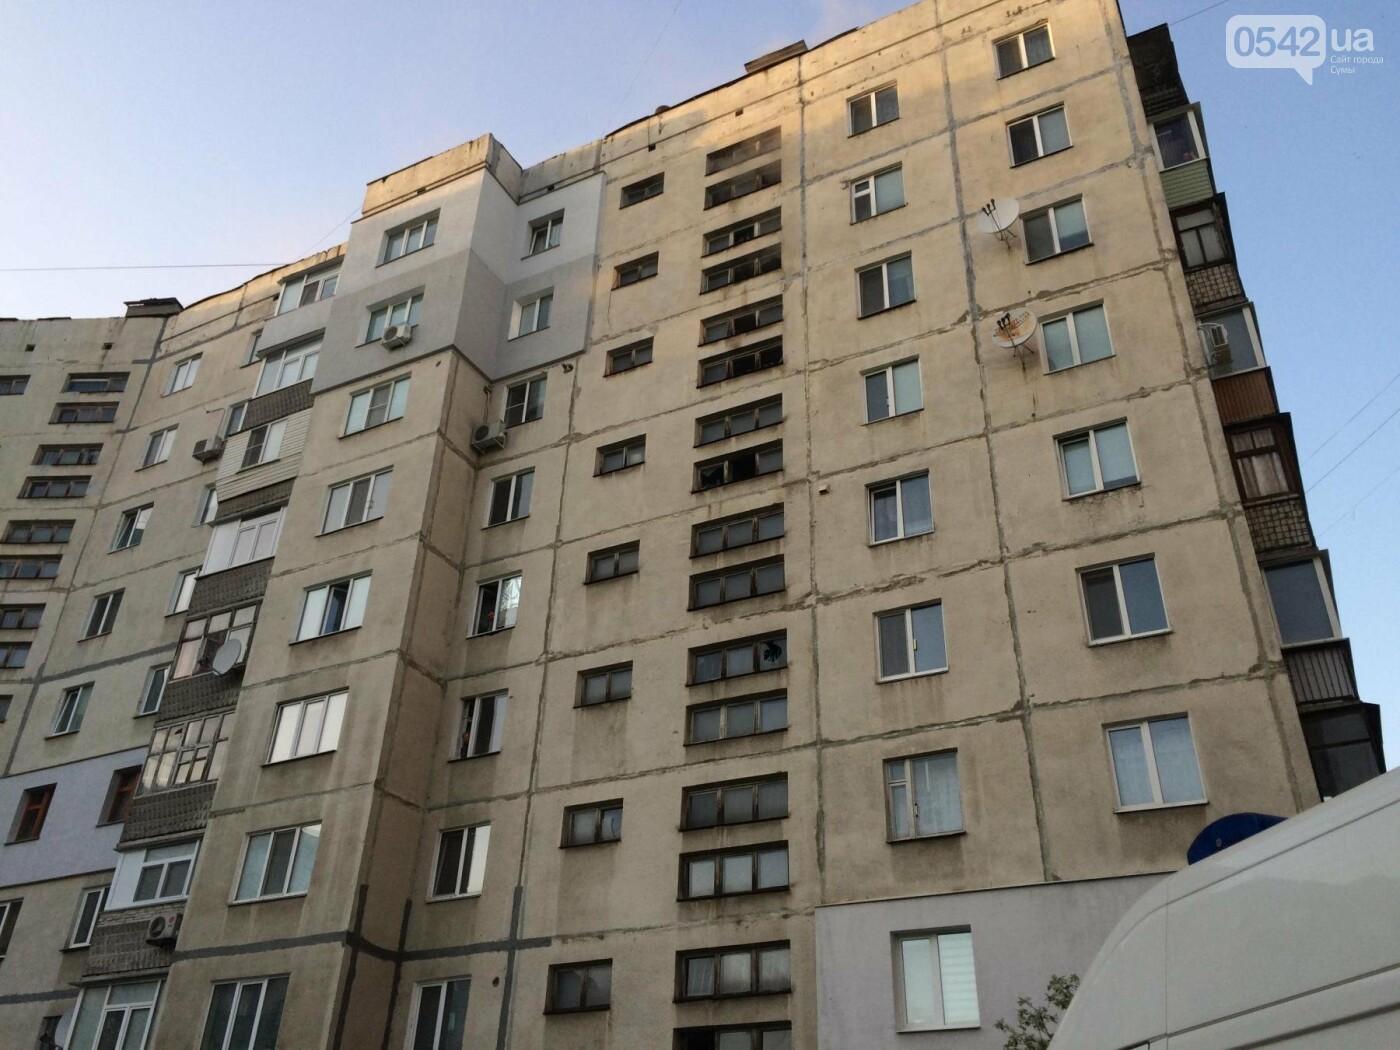 В Сумах горела квартира в многоэтажке, фото-3